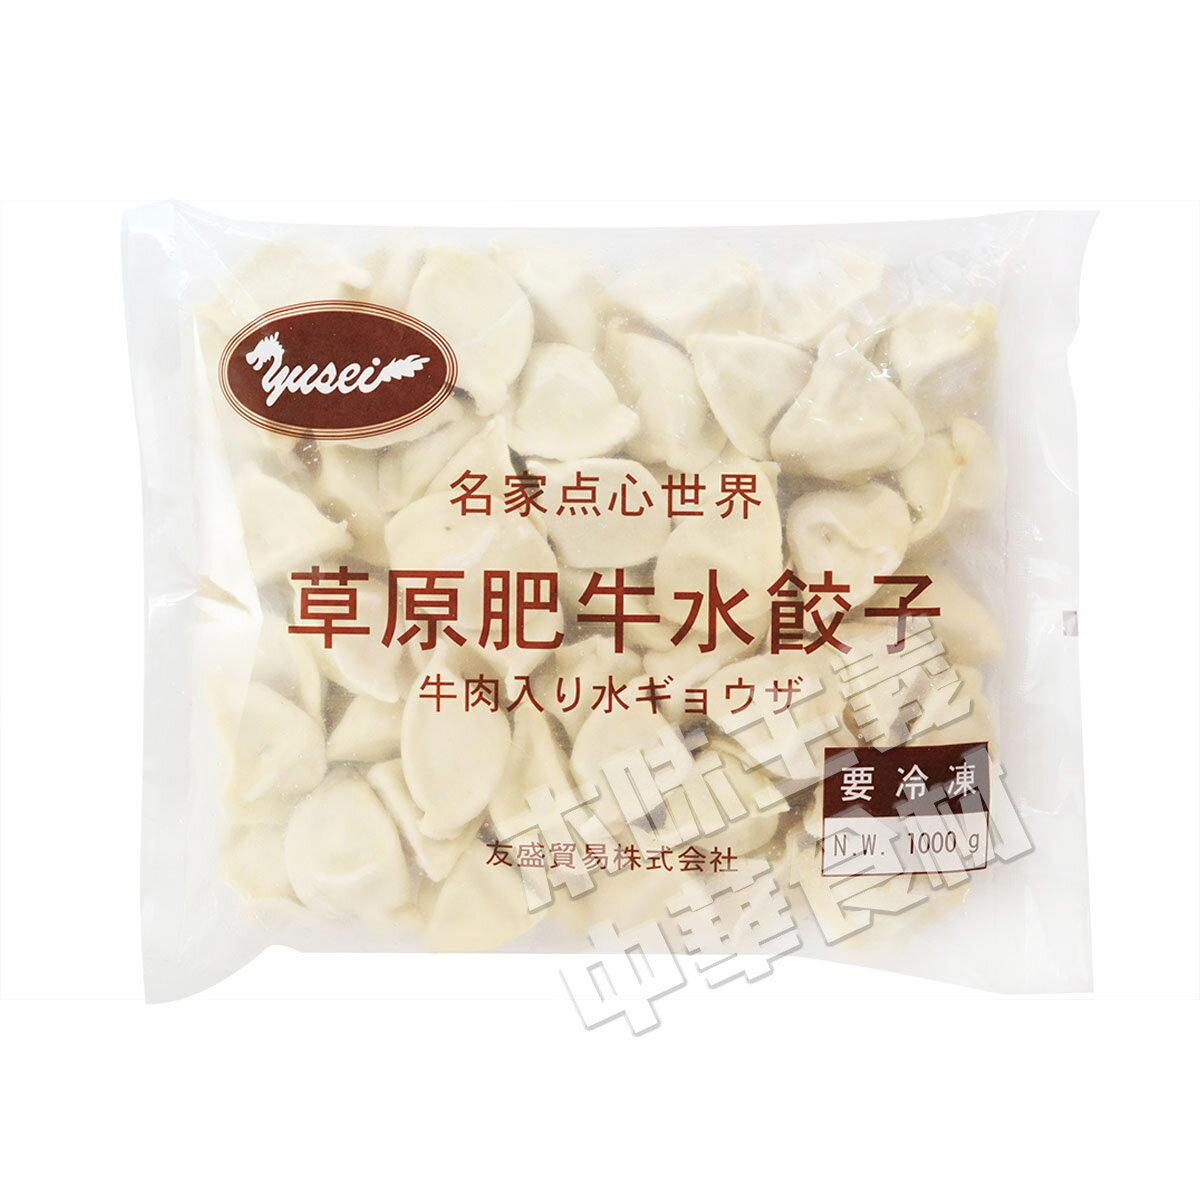 友盛名家点心世界草原肥牛水餃子(牛肉入り水ギョーザ)中華食材・中華料理人気商品・中国名物